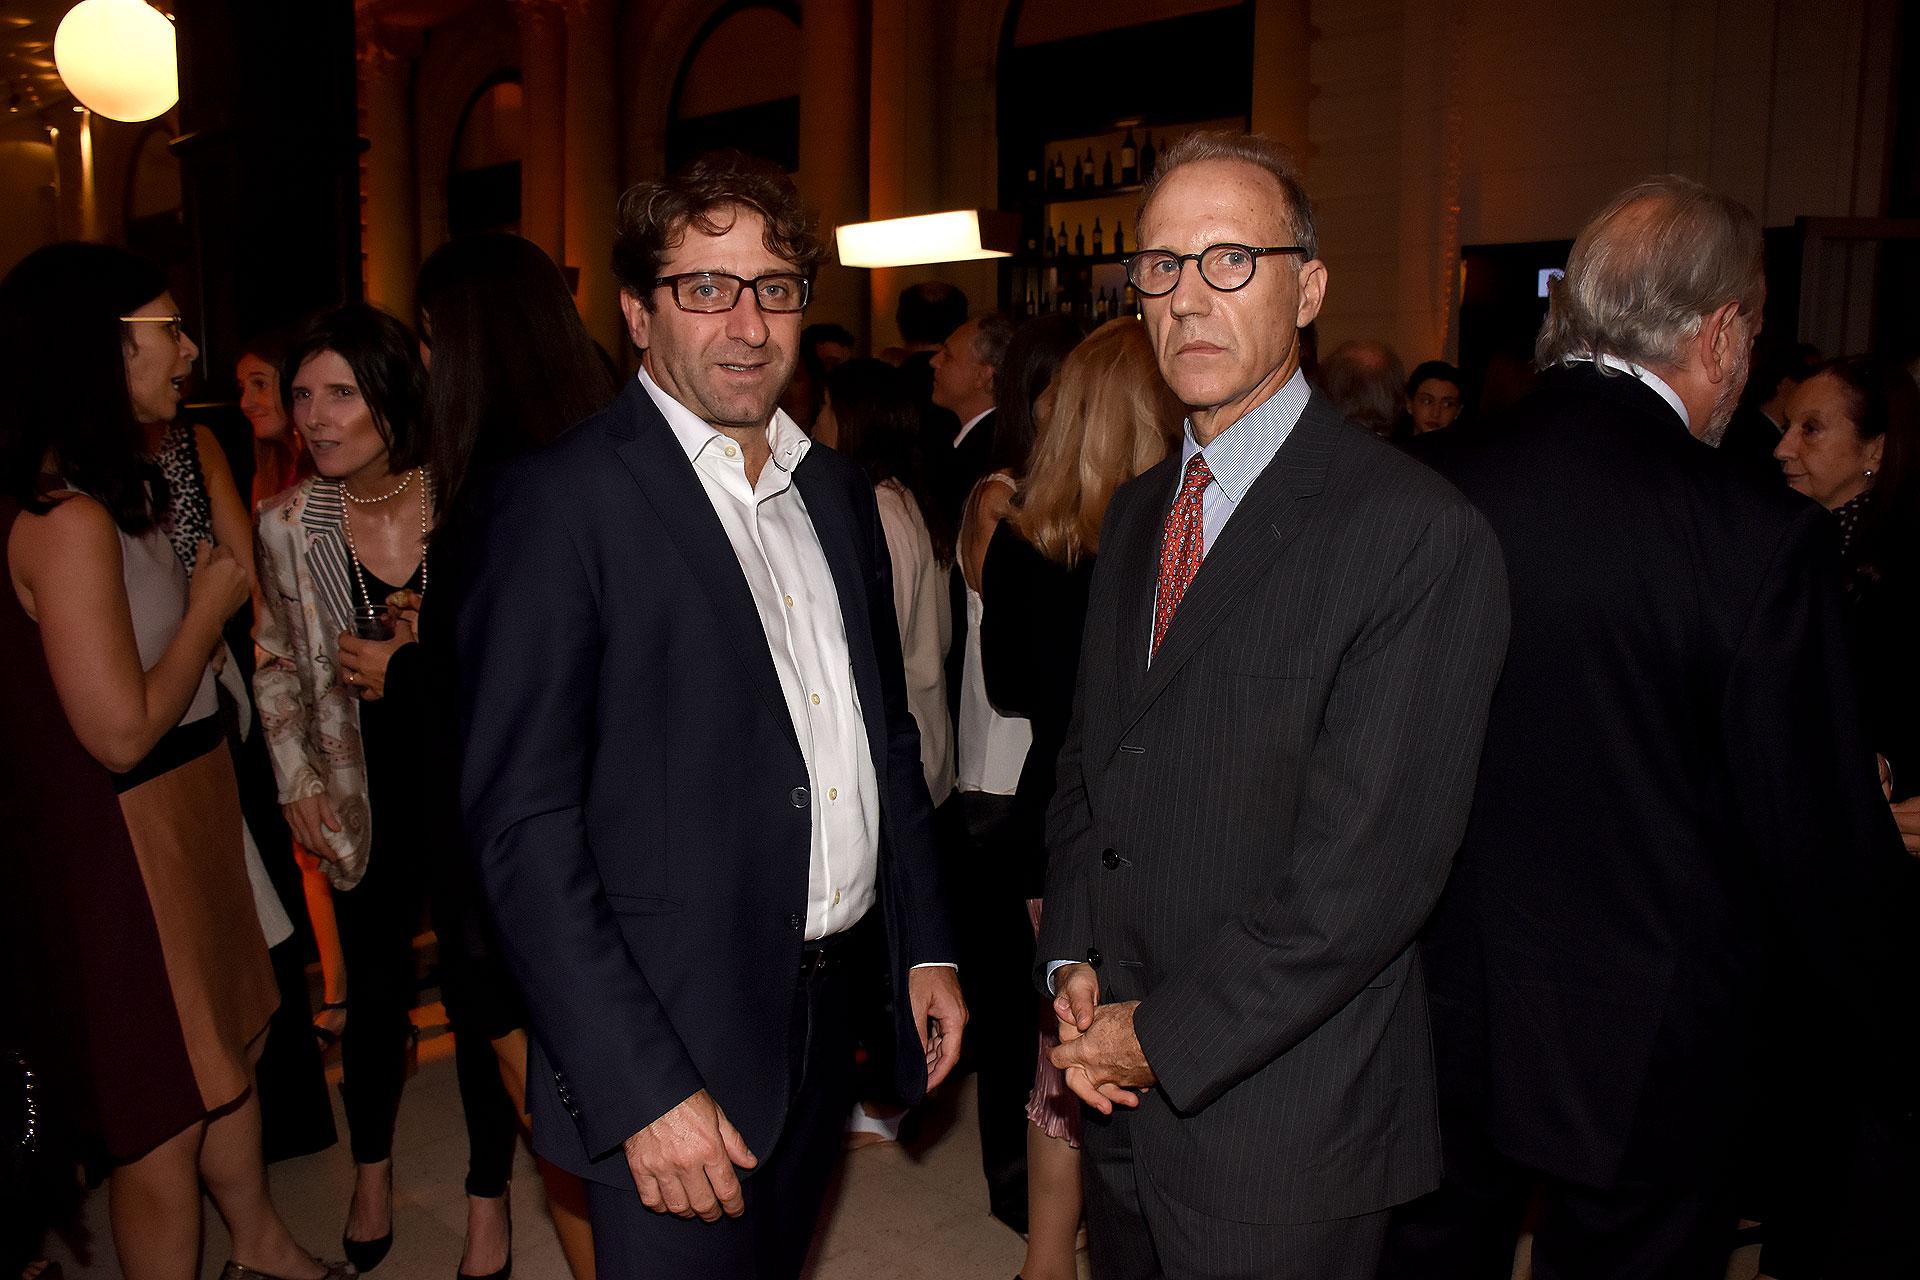 El secretario general de la Ciudad, Fernando Straface, y el juez de la Corte Suprema de Justicia de la Nación, Carlos Rosenkrantz